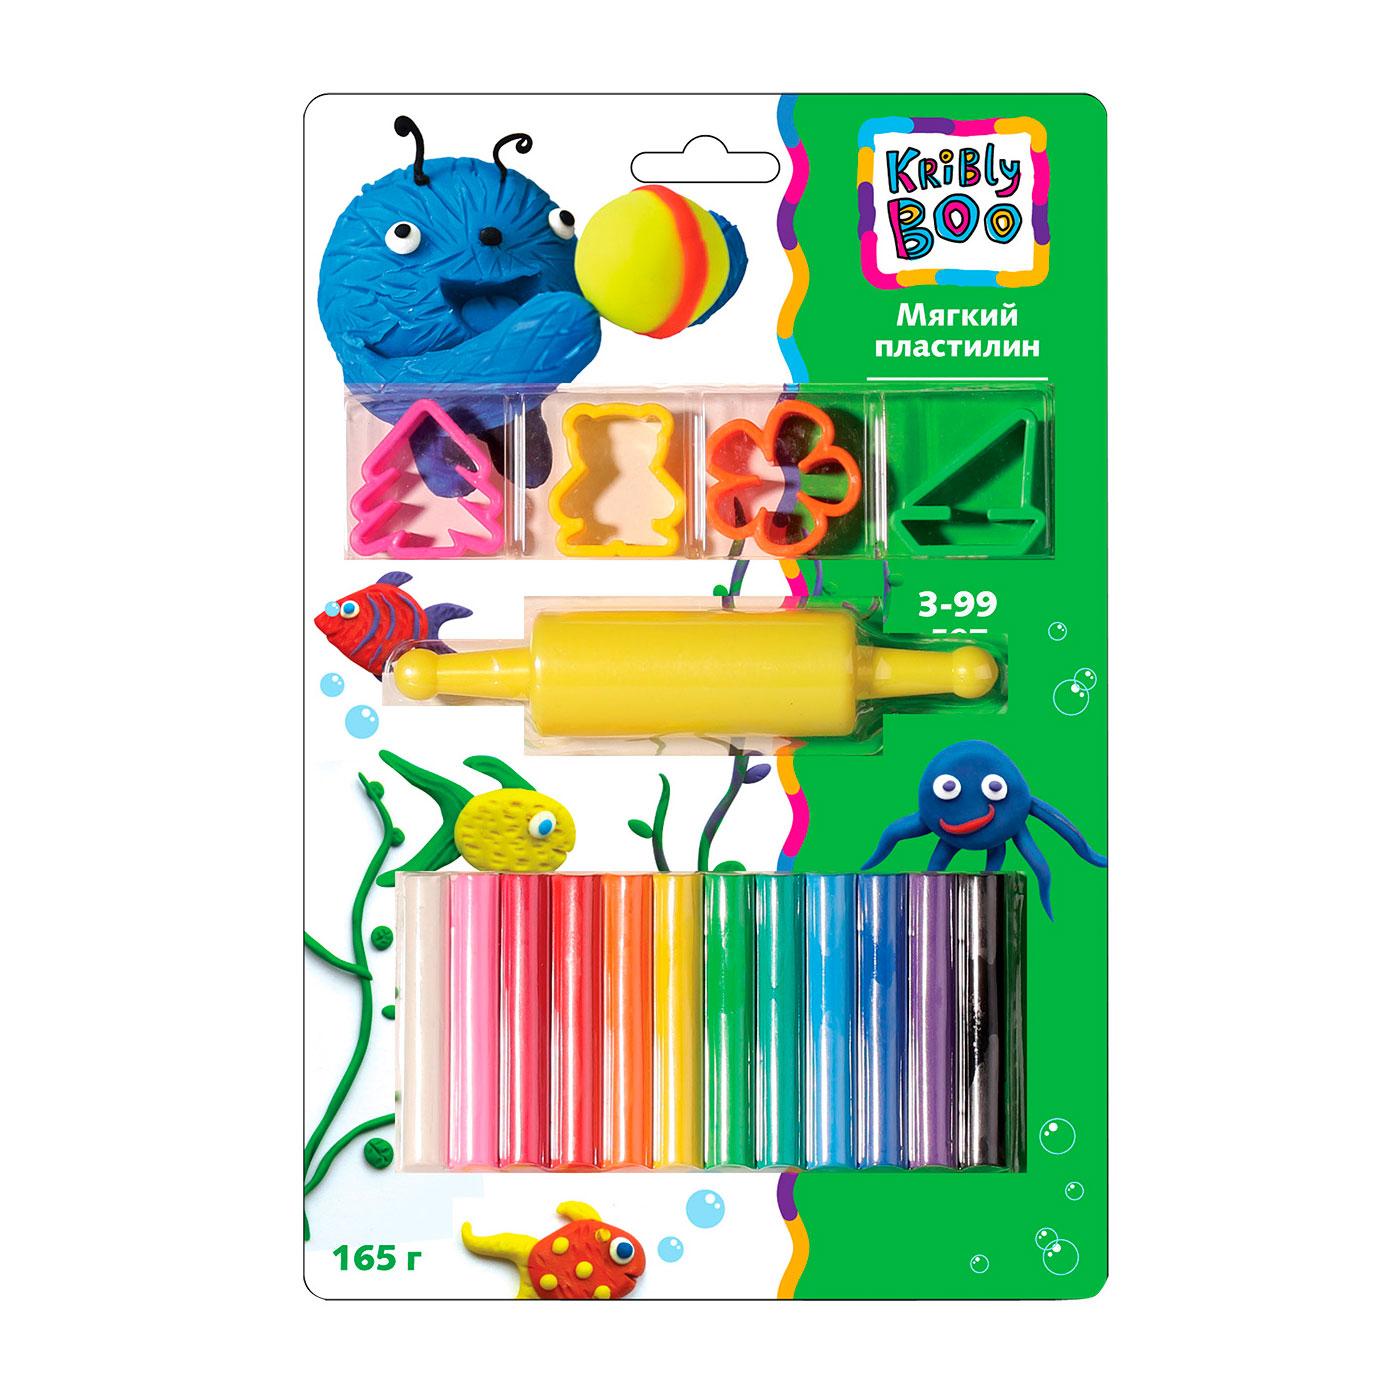 Пластилин Kribly Boo Мягкий с формочками и роликом 165 грамм 12 штук<br>